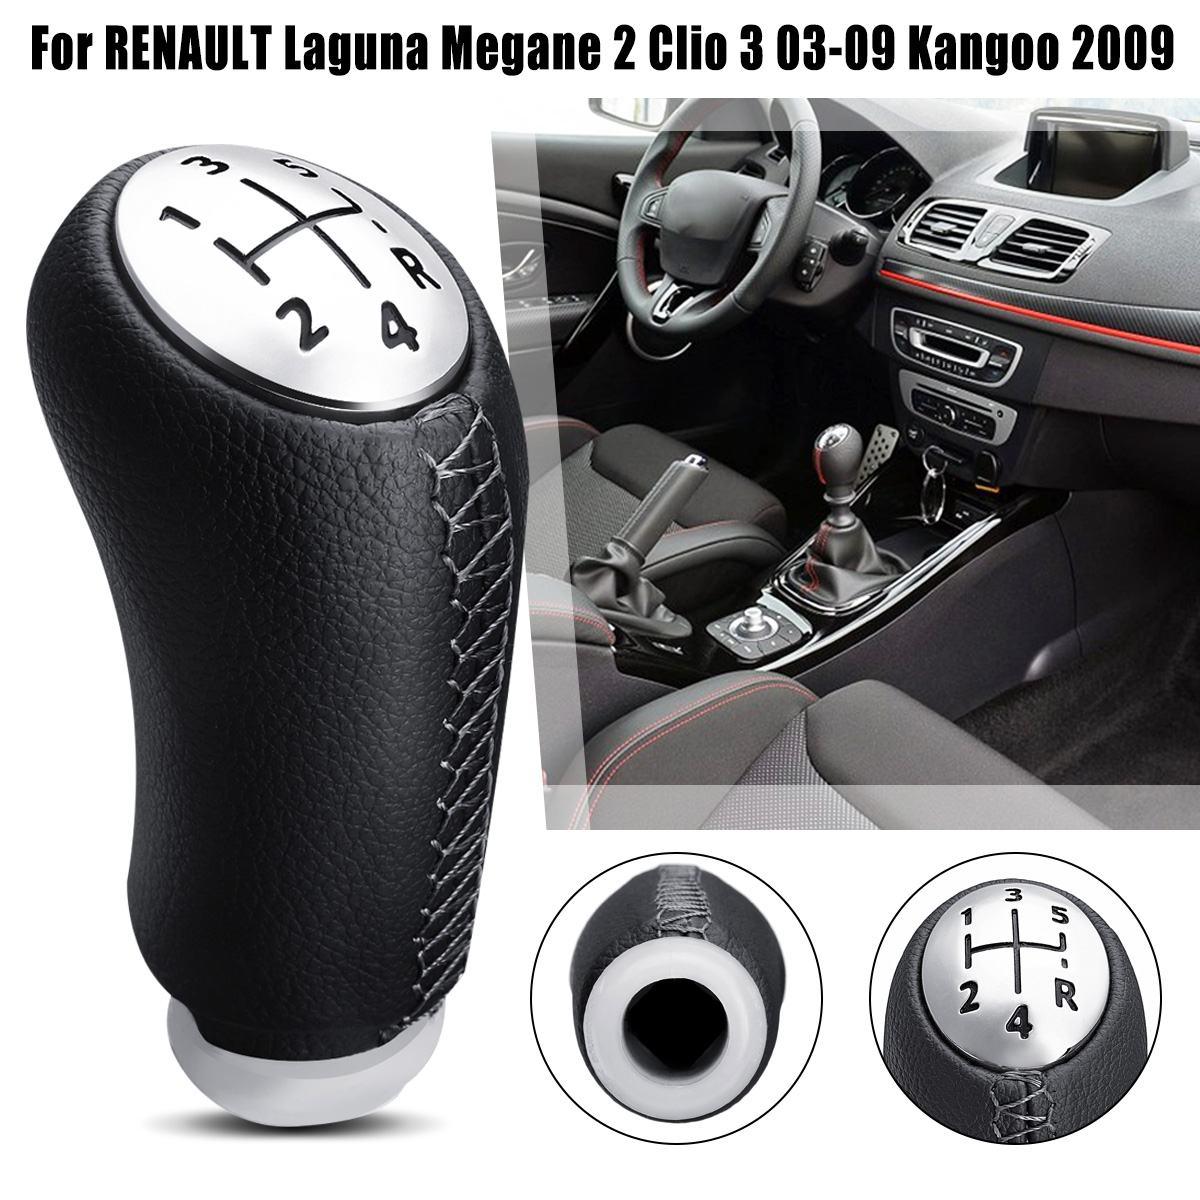 5 geschwindigkeit Schaltknauf PU Leder Kopf Stick Für Renault Laguna Megane 2 Clio 3 2003 2004 2005 2006 2007 2008 2009 Scenic2 Kangoo